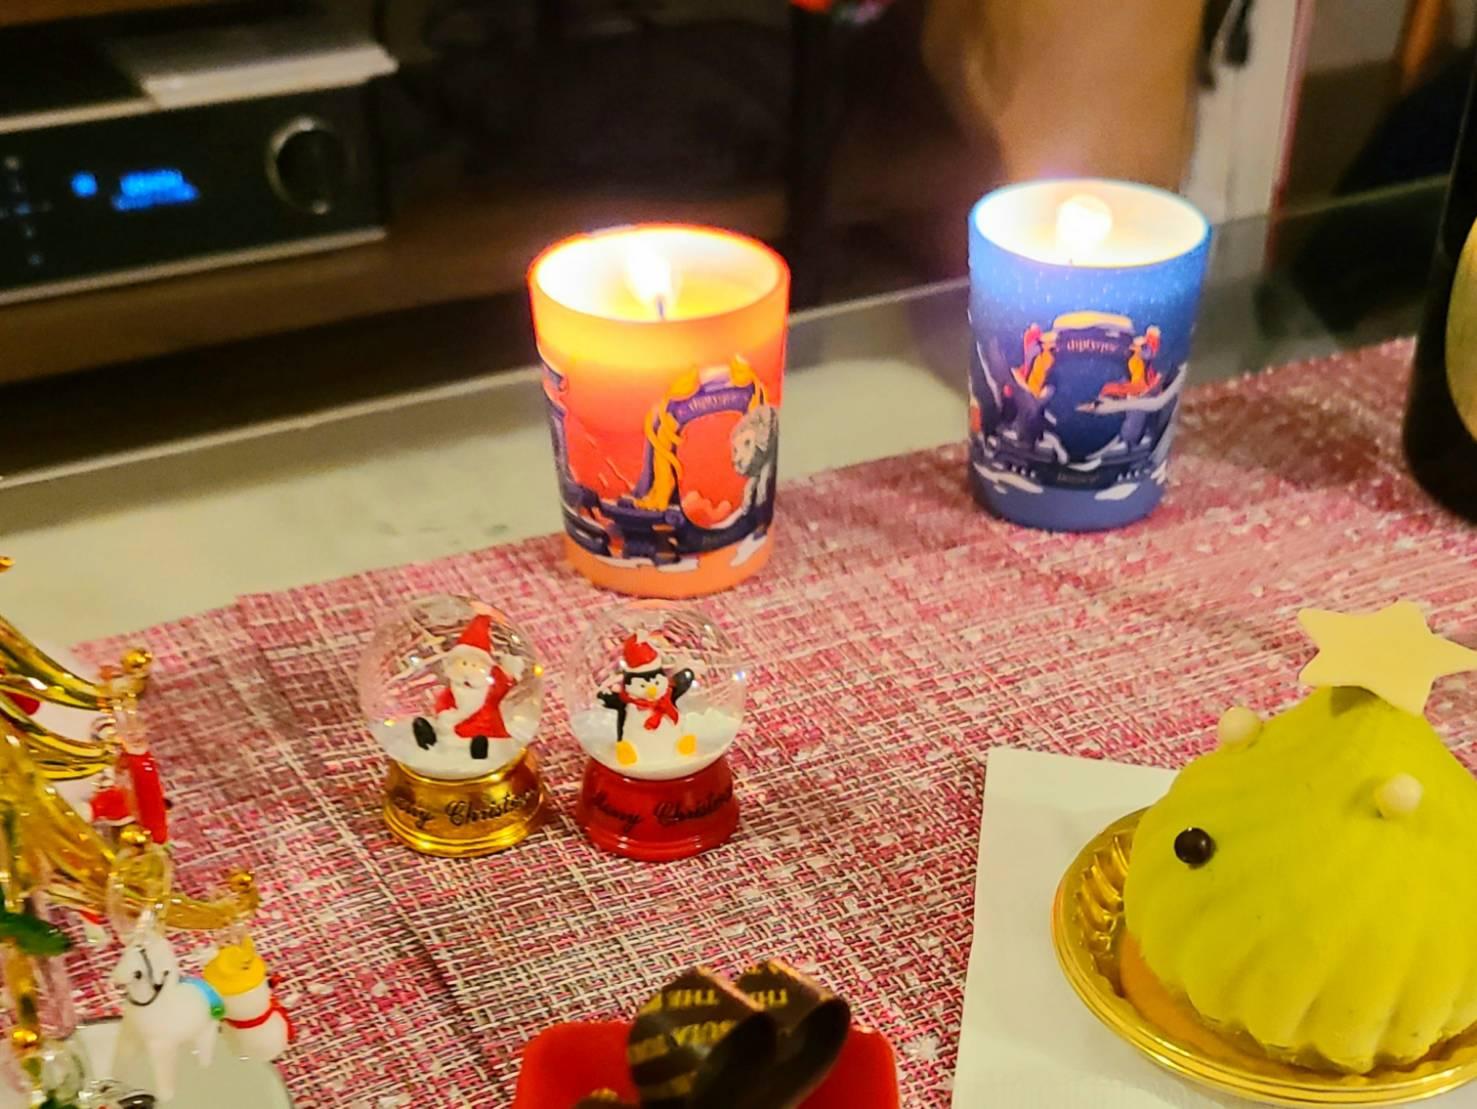 【Diptyque】アロマキャンドルでおうちクリスマスをより特別に☆_3